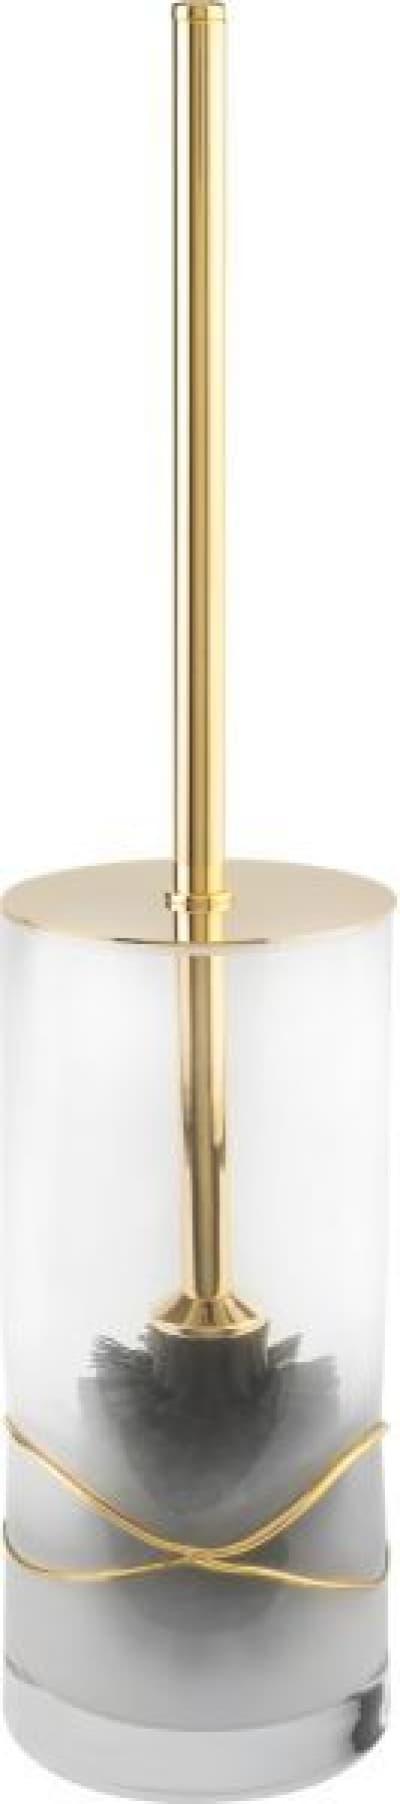 Surya Crystal Stream, напольный ёршик для унитаза с крышкой, цвет золото 6626/GO